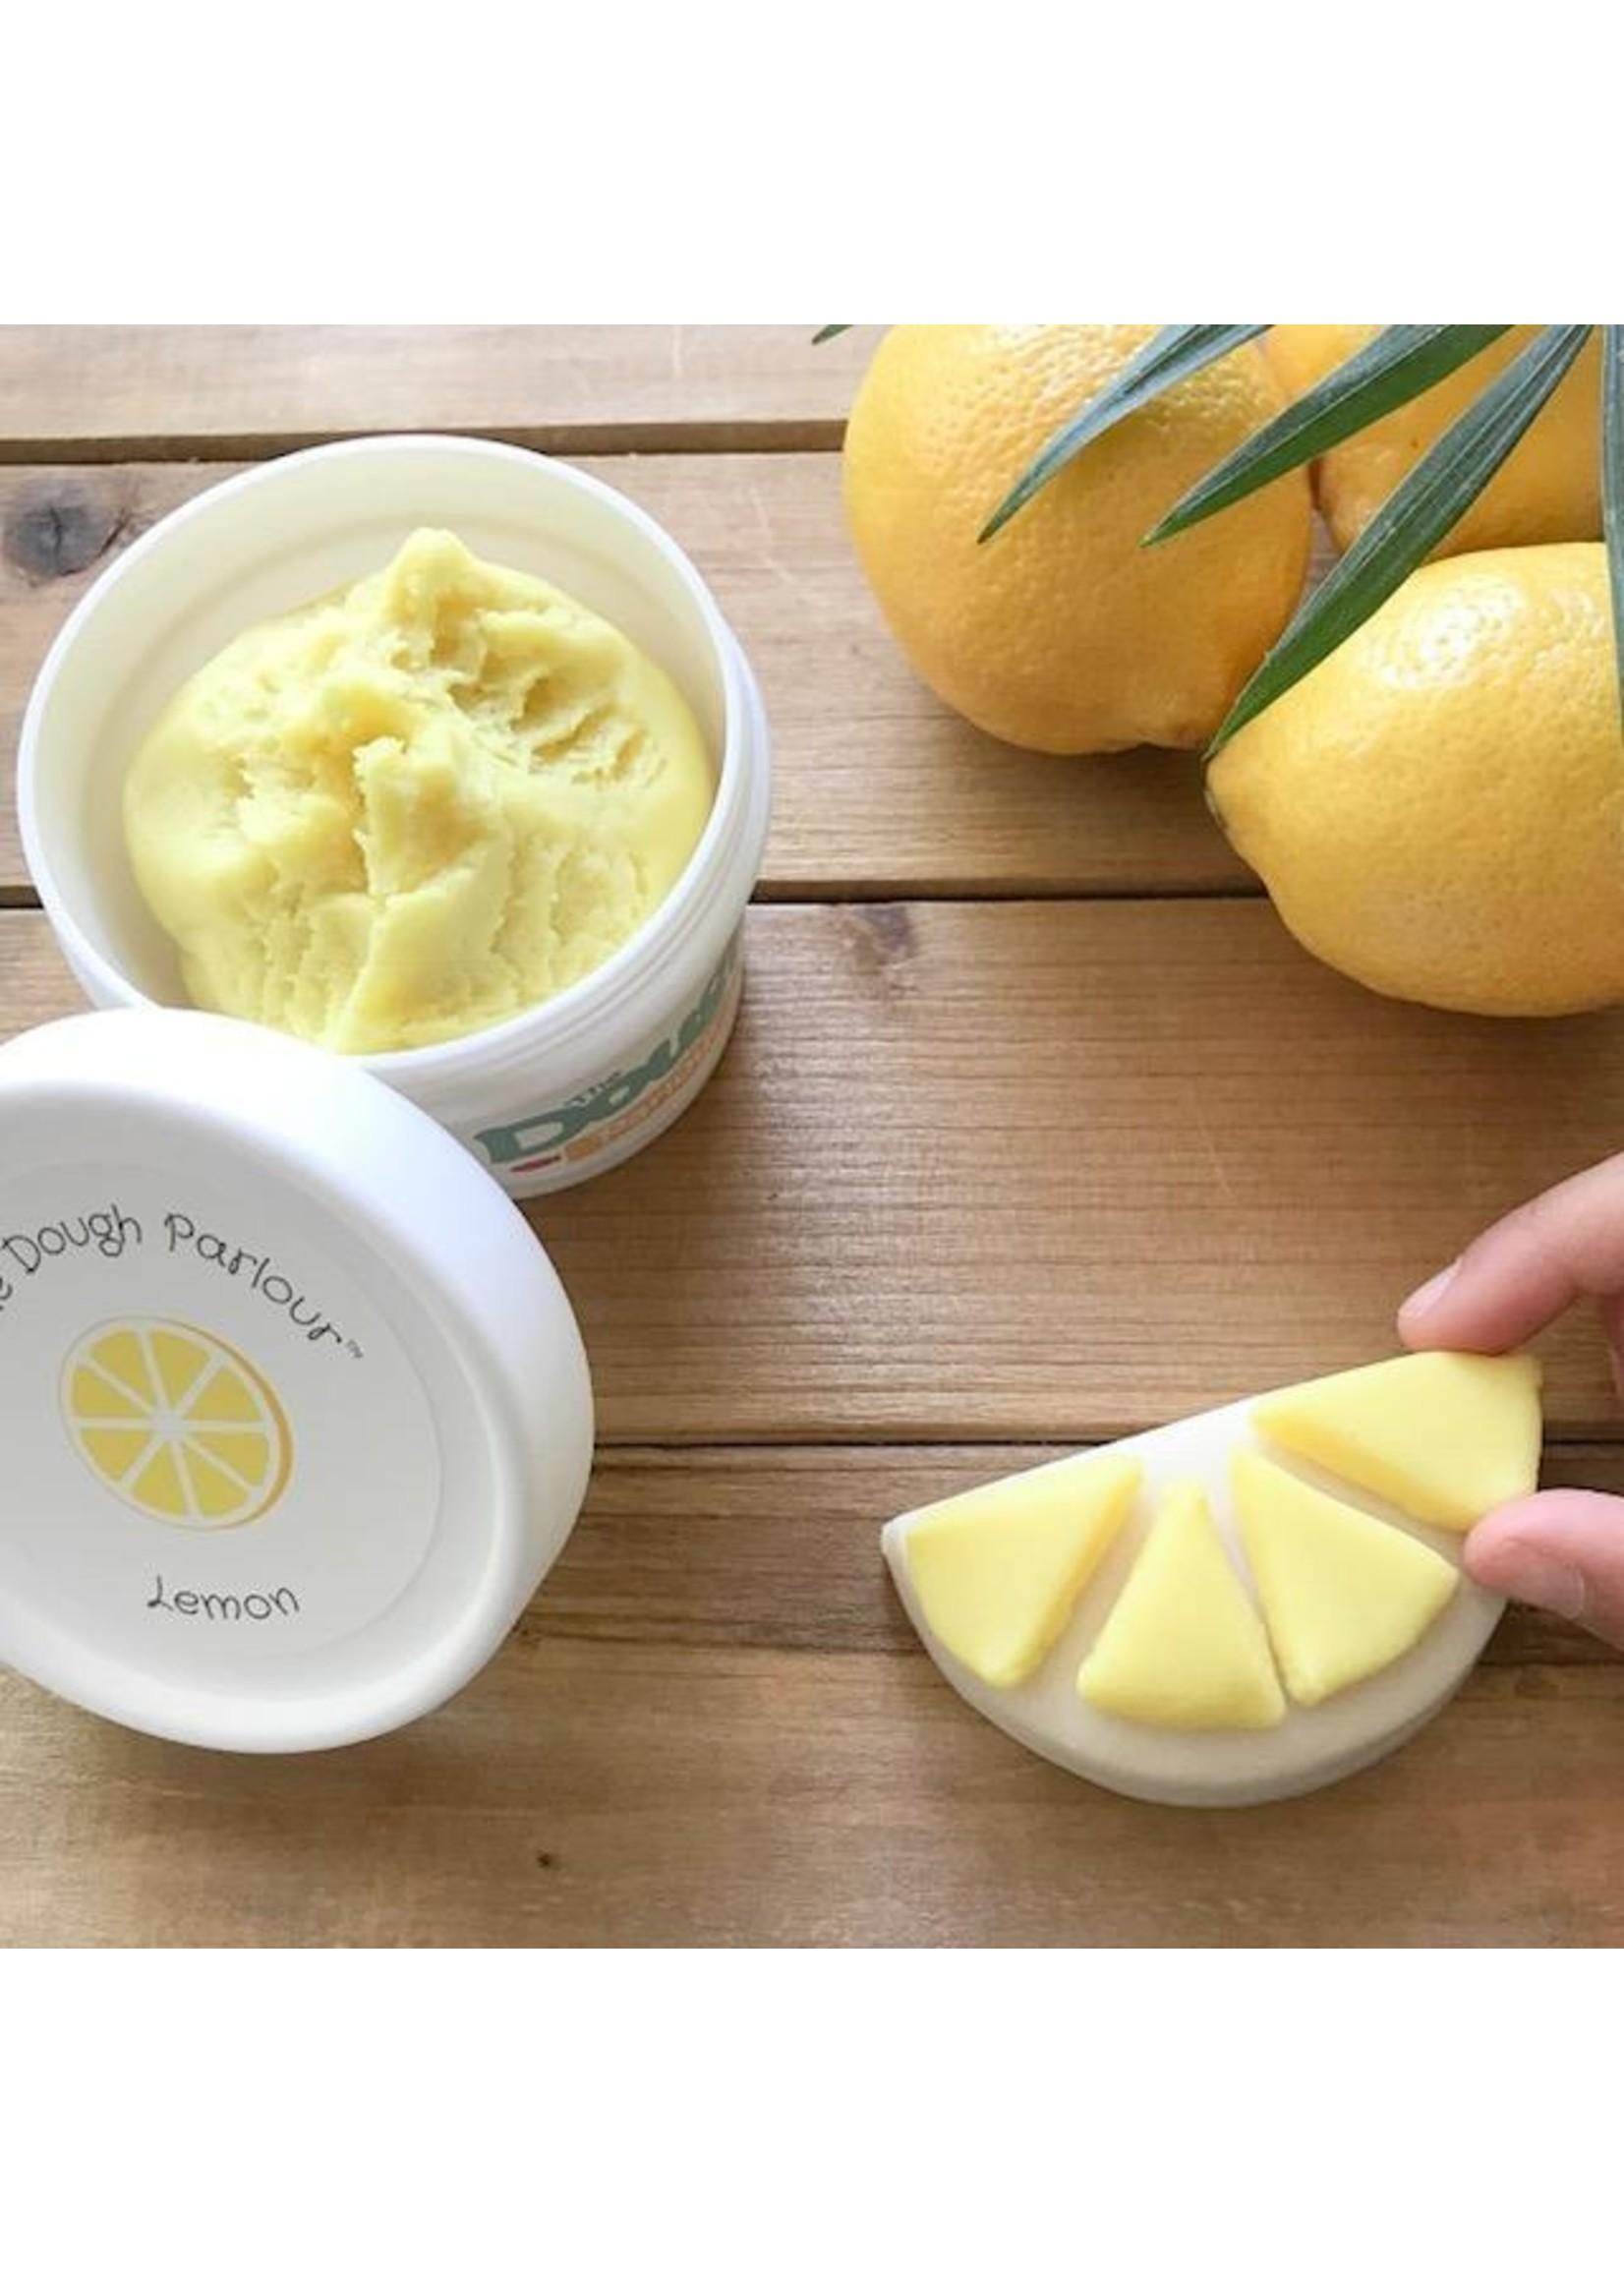 Dough Parlour Pâte à modeler Lemon